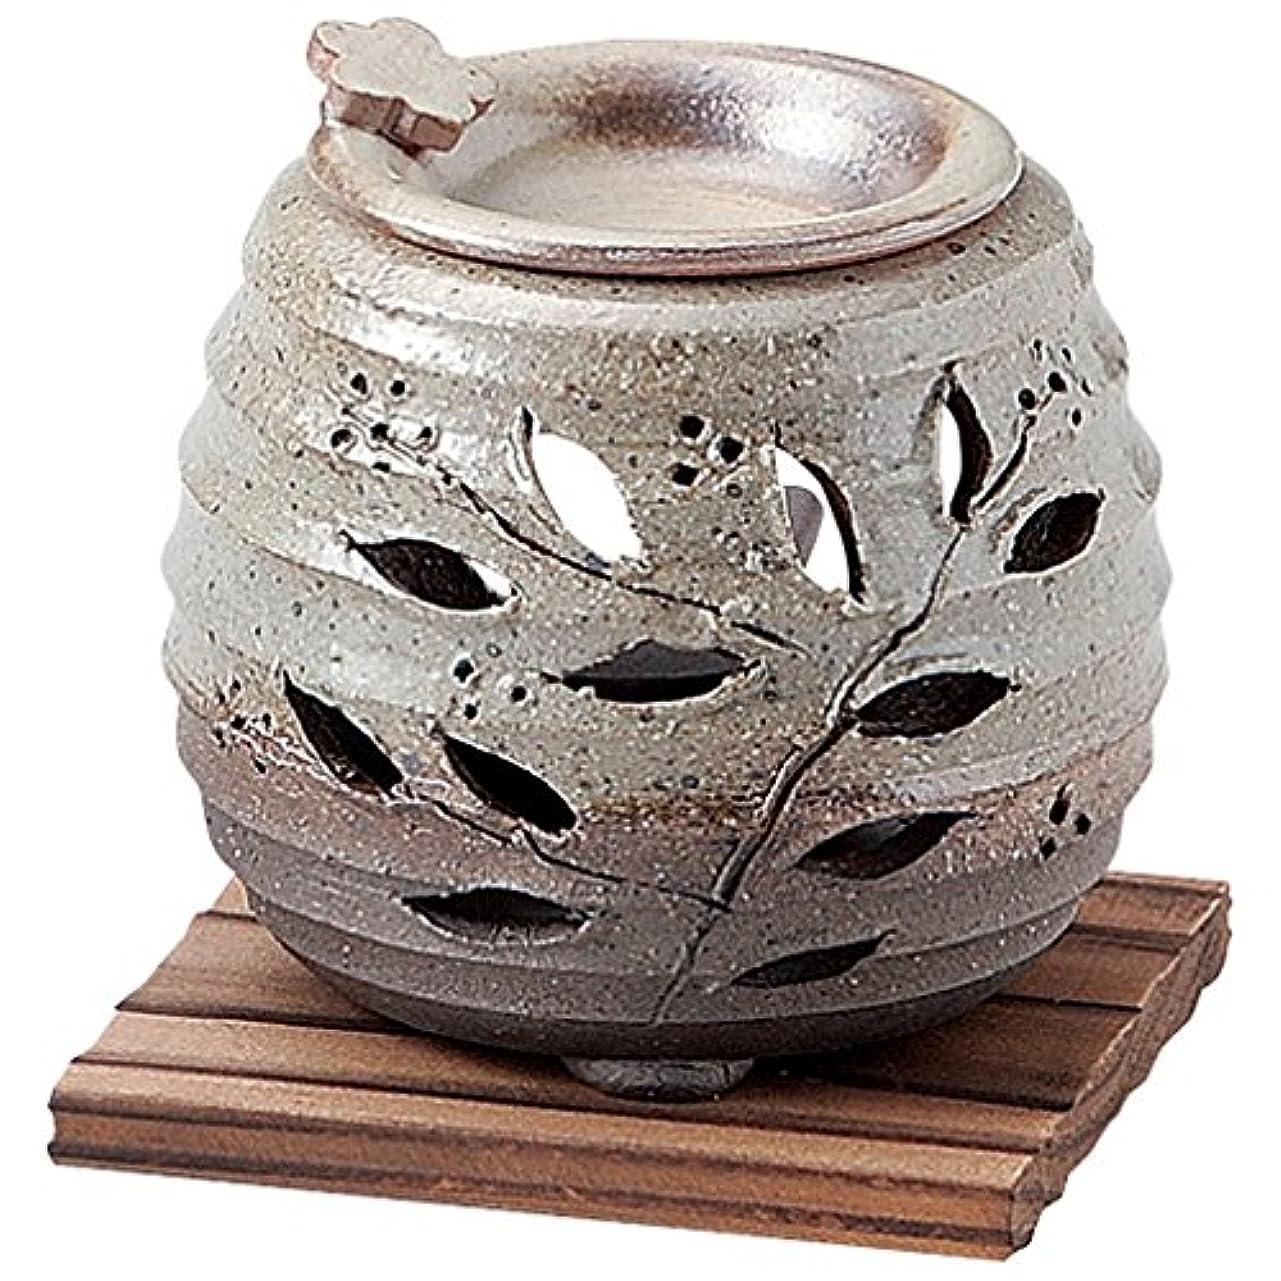 昆虫バスタブニンニク山下工芸 常滑焼 石龍緑灰釉花茶香炉 板付 10.5×11×11cm 13045750